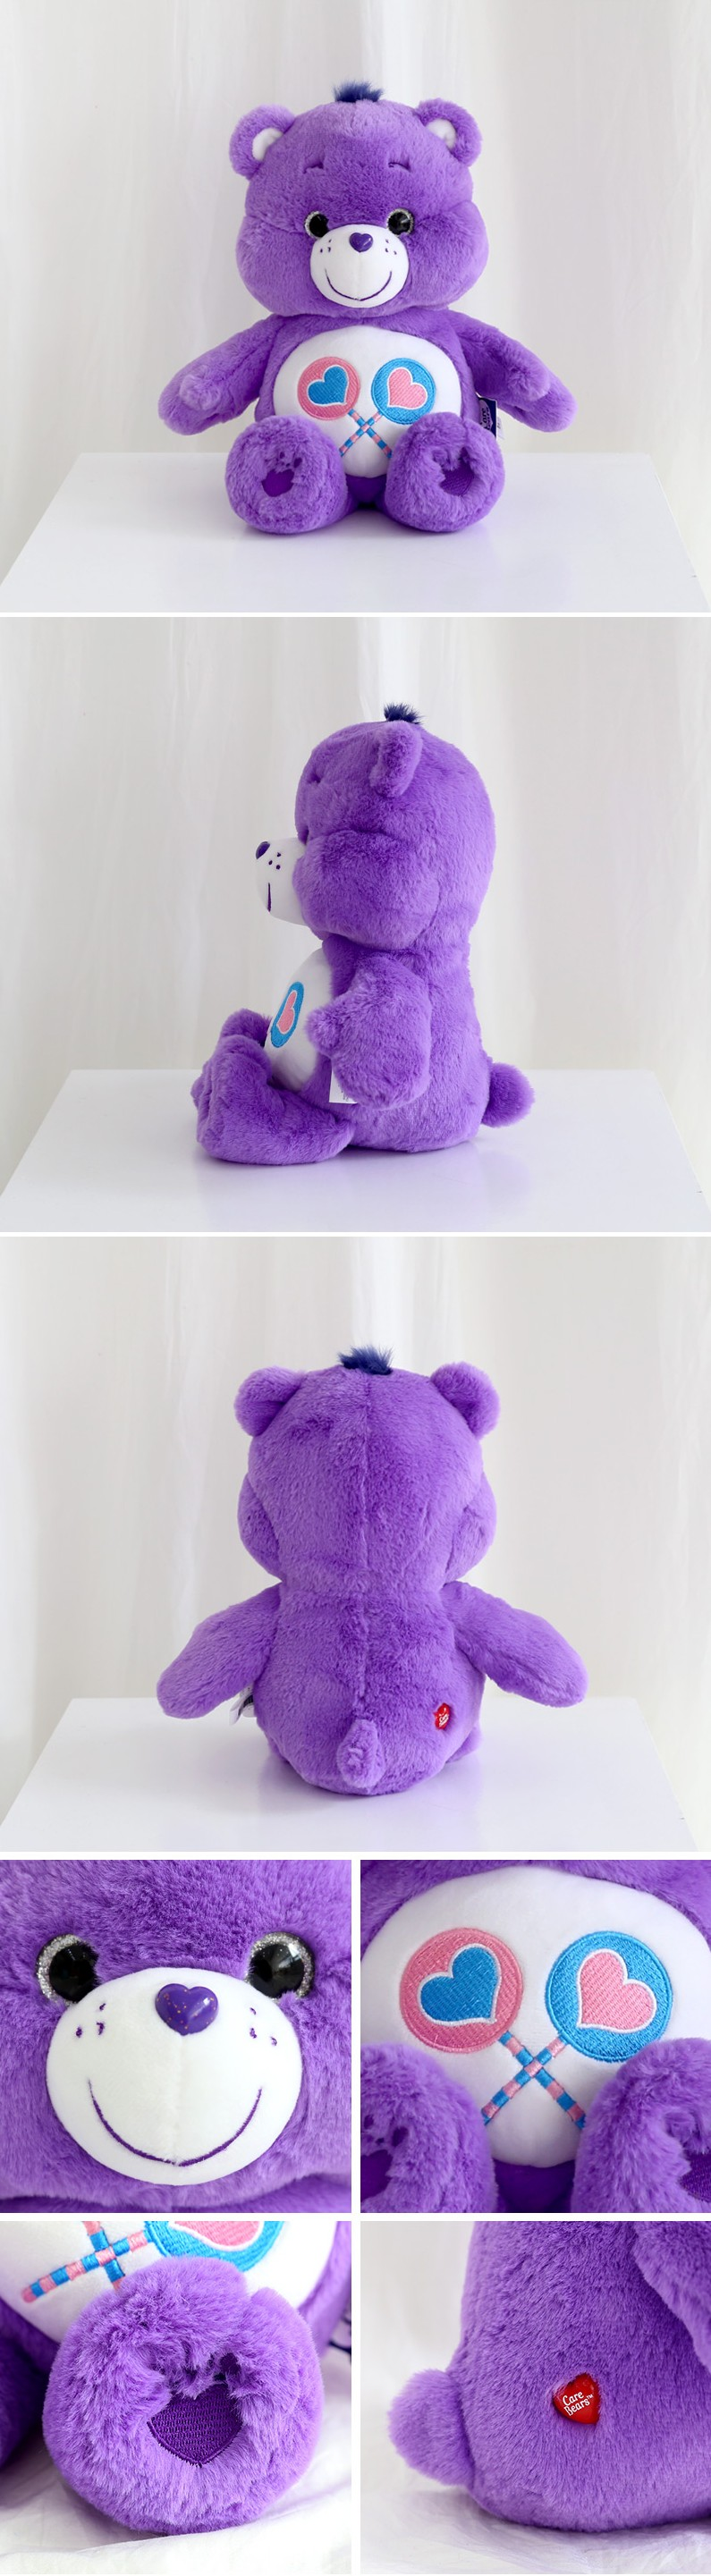 케어베어 봉제 인형 30cm 퍼플 (쉐어 베어) - 리락쿠마돌스, 11,900원, 캐릭터인형, 게임/애니메이션